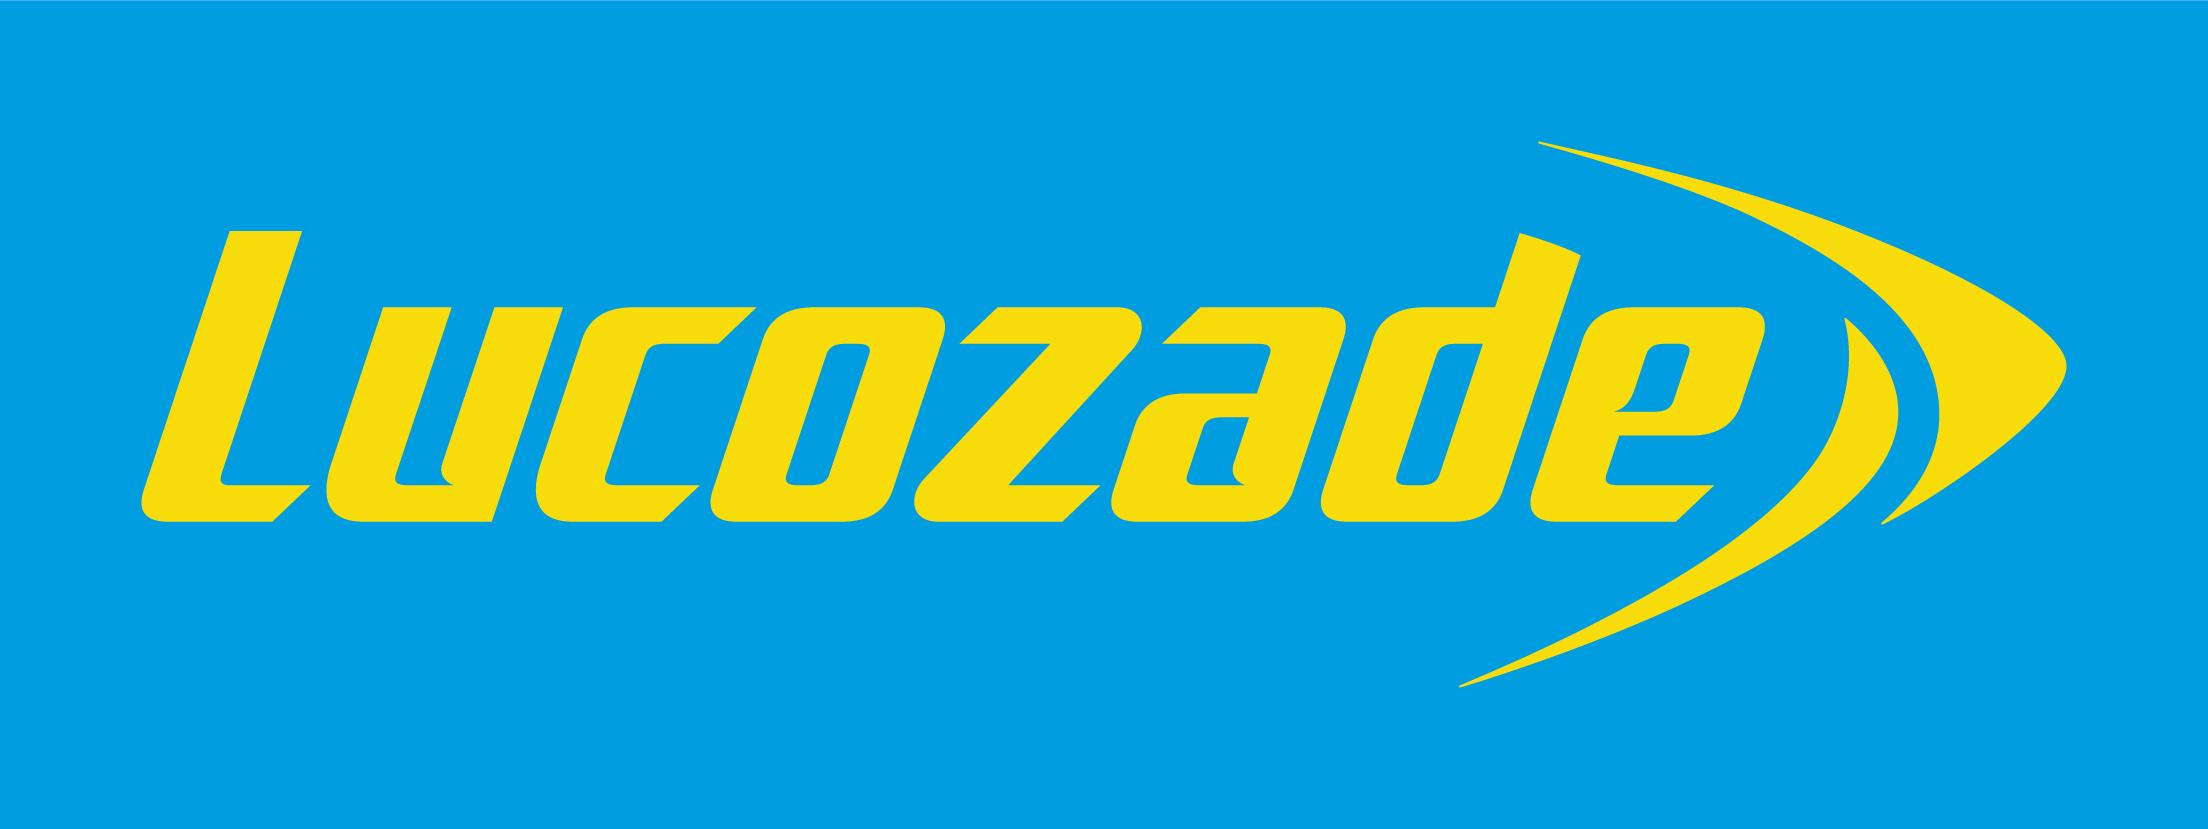 logo Lucozade